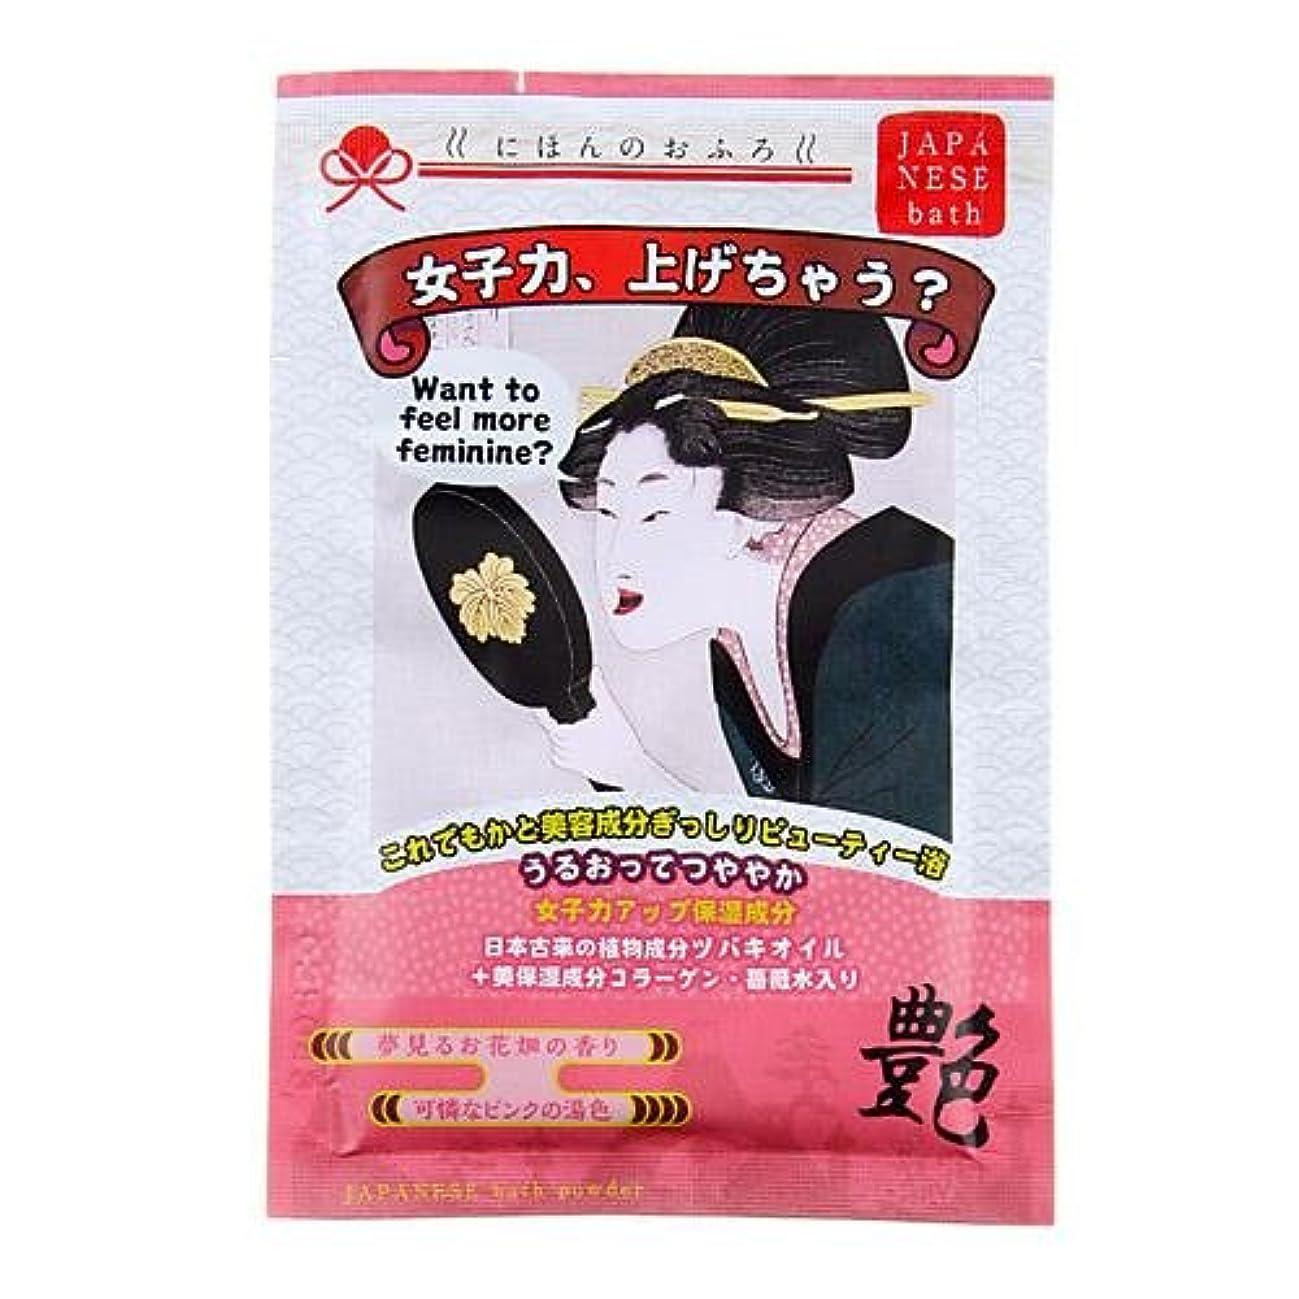 に対してイライラする長方形日本のお風呂 「女子力、上げちゃう?」 10個セット